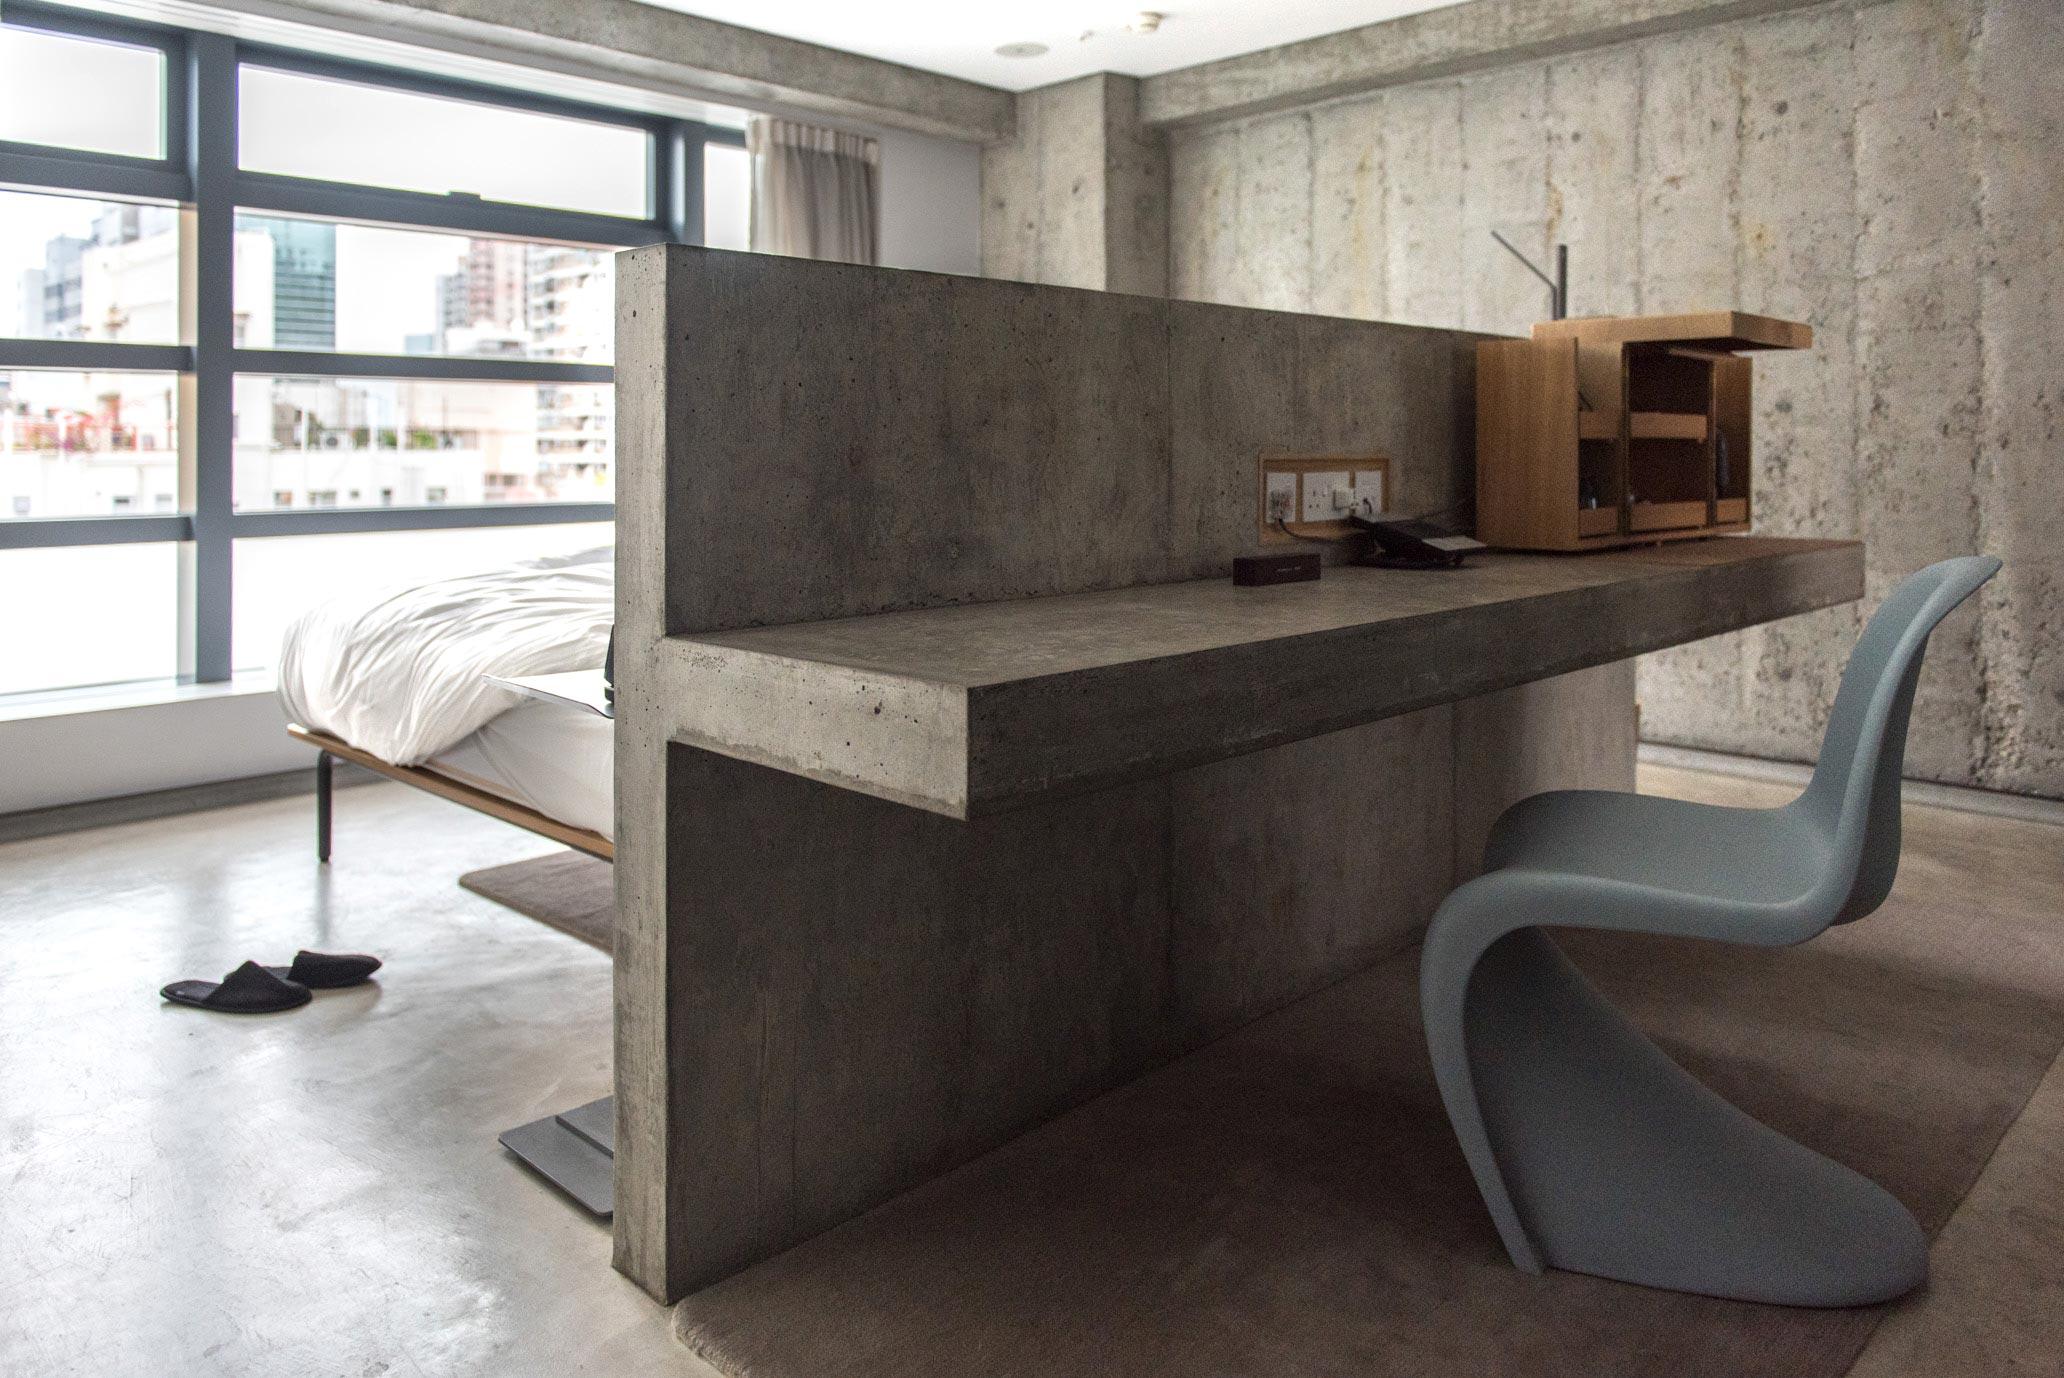 Design Hotel Tuve 2